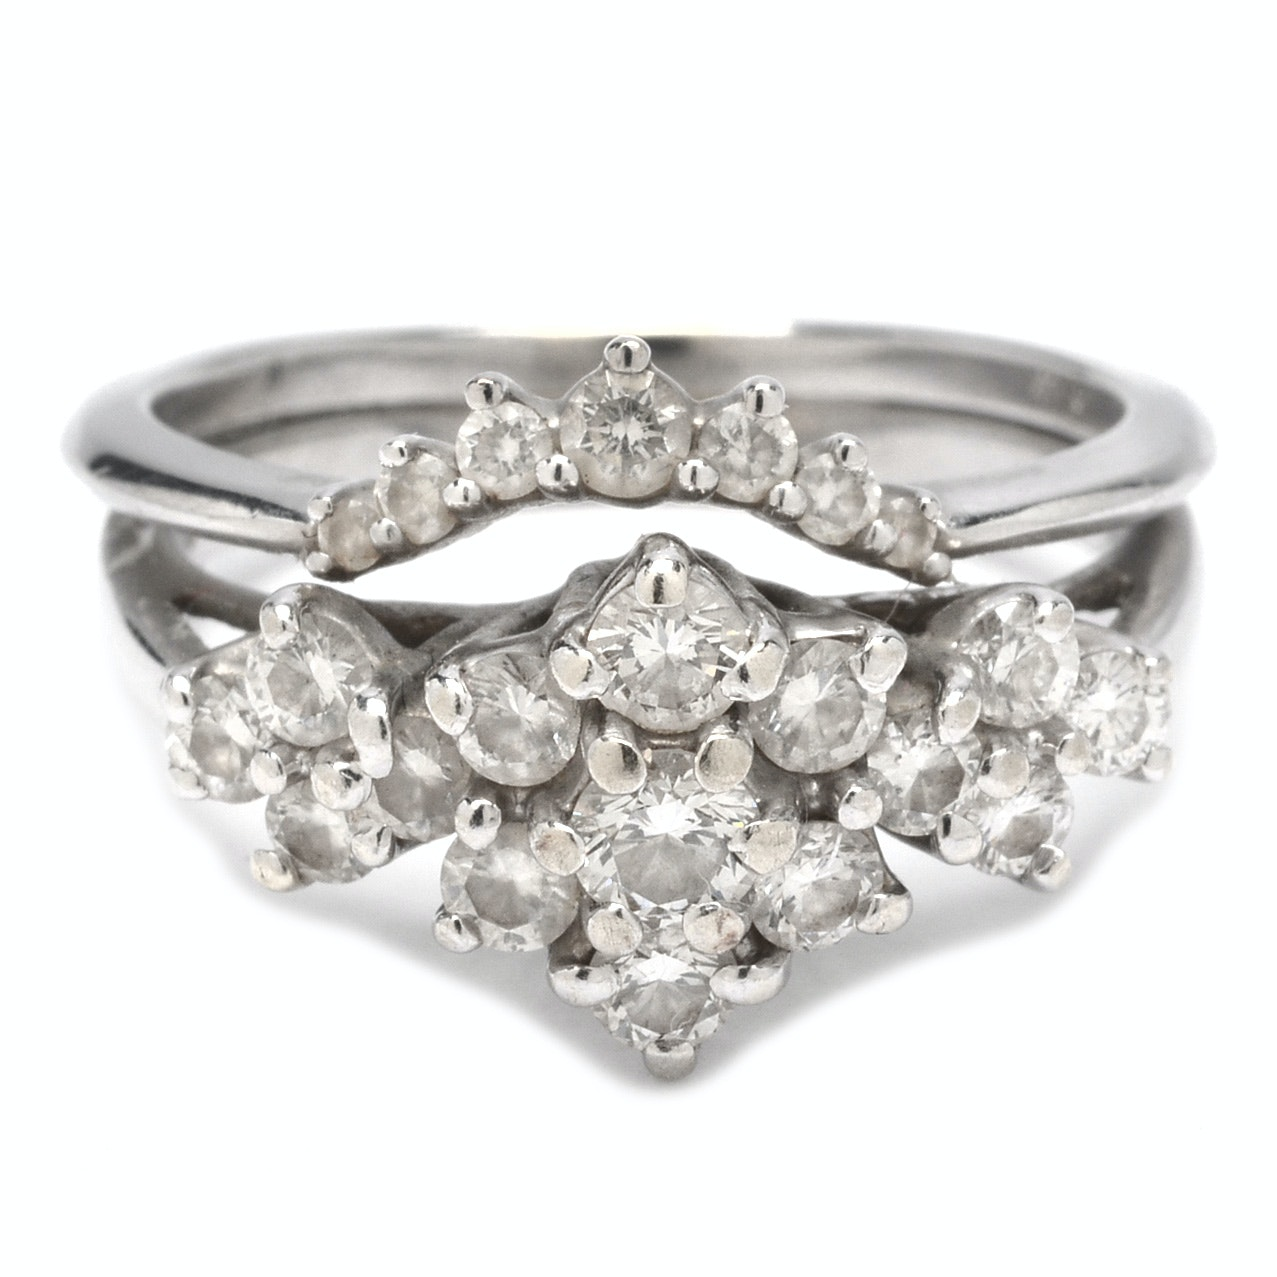 14K White Gold Diamond Ring with Diamond Enhancer